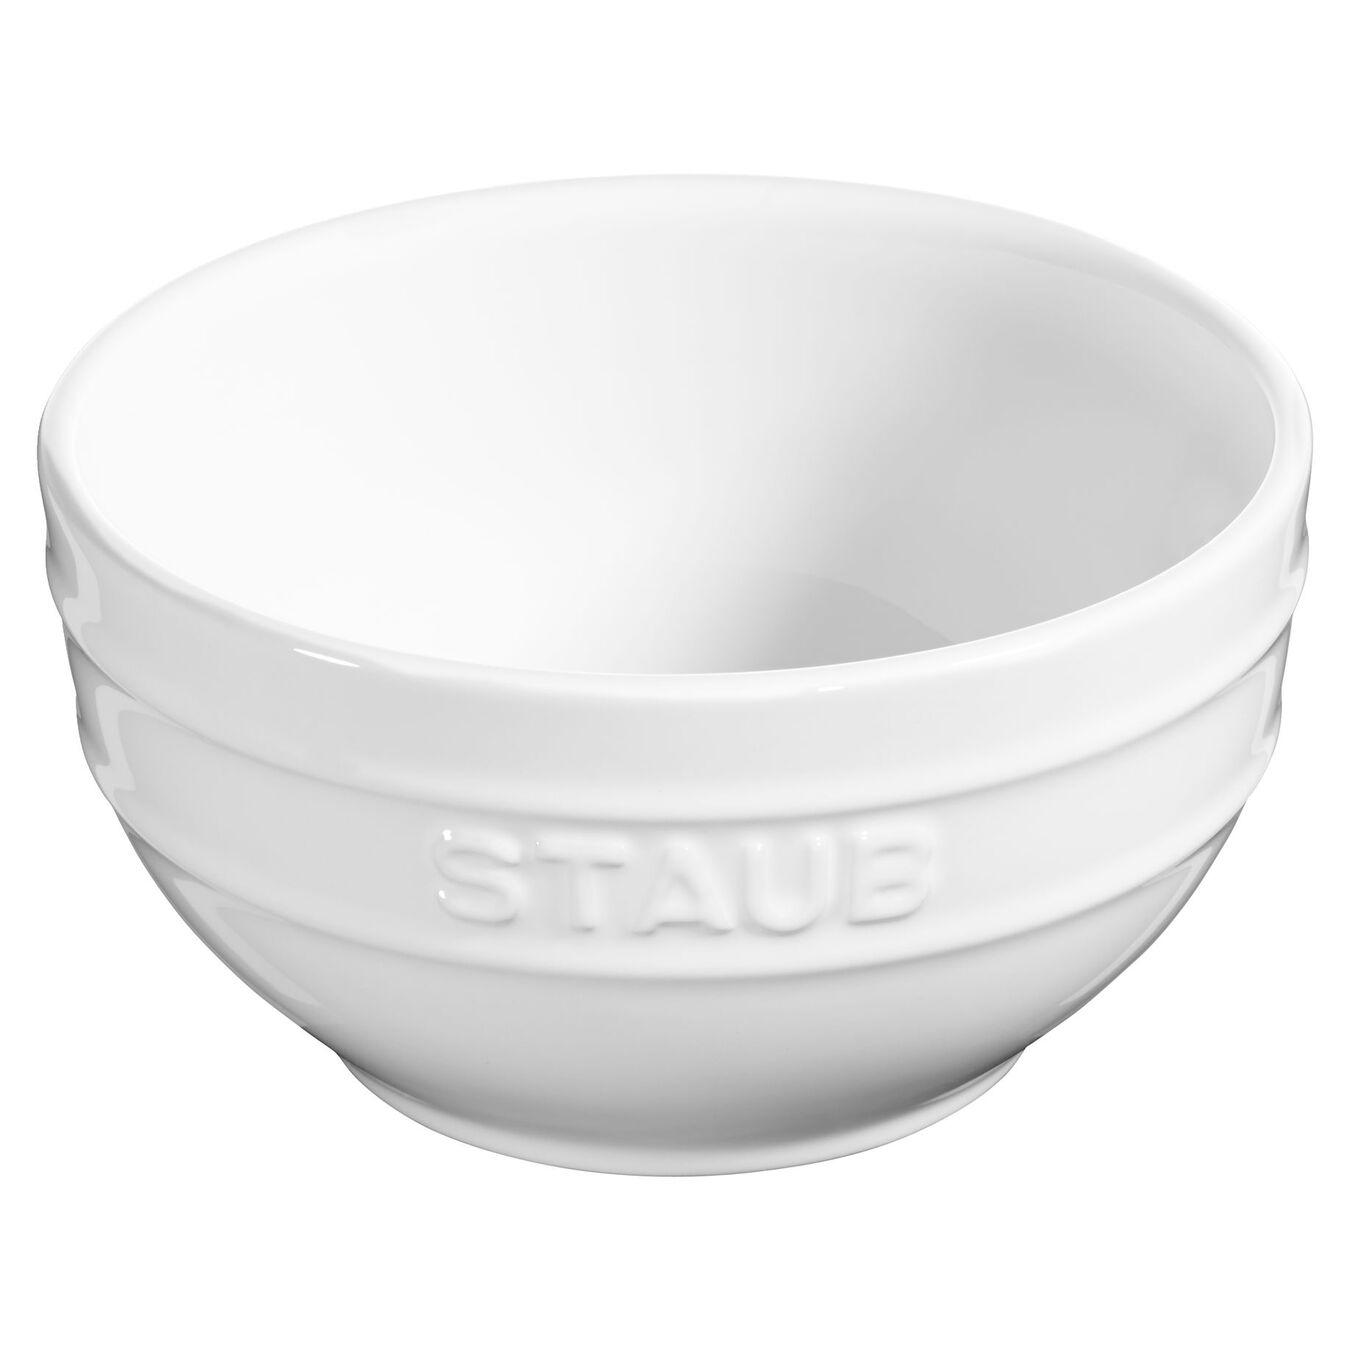 Bol 14 cm, Blanc pur, Céramique,,large 1